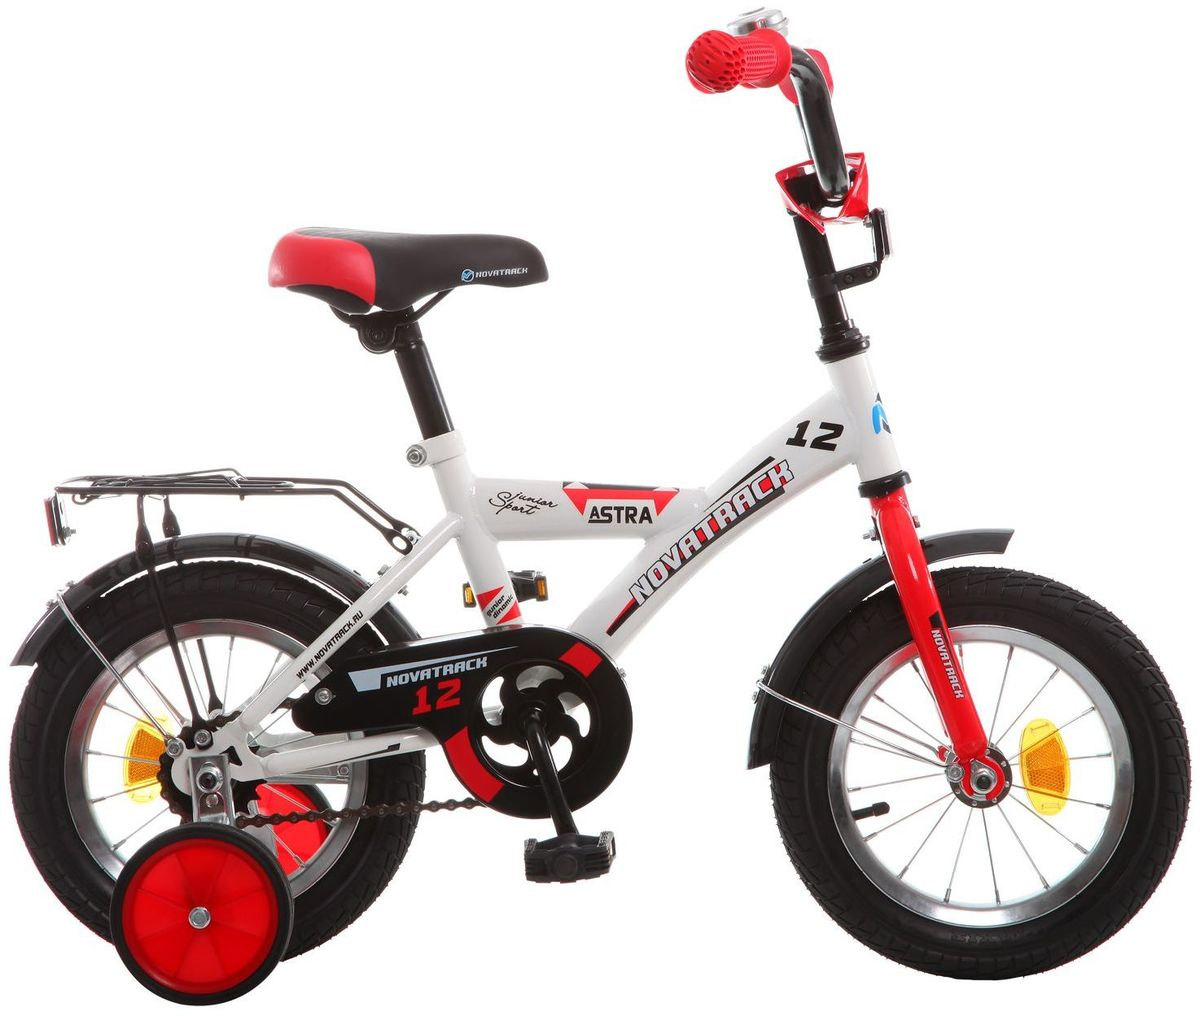 Велосипед детский Novatrack Astra, цвет: белый, красный, черный, 12WRA523700Хотите, чтобы ваш ребенок играя укреплял здоровье? Тогда ему нужен удобный и надежный велосипед Novatrack Astra, рассчитанный на малышей 2-4 лет. Одного взгляда малыша хватит, чтобы раз и навсегда влюбиться в свой новенький двухколесный транспорт, который сначала можно назвать и четырехколесным. Дополнительную устойчивость железному коню обеспечивают два маленьких съемных колеса в цвет велосипеда. Велосипед собран на базе рамы с универсальной геометрией, которая позволяет легко взобраться или слезть с велосипеда, при этом велосипед имеет такой вес, что маленький ребенок сам легко справляется со своим транспортным средством. Так как велосипед предназначен для самых маленьких, предусмотрен ограничитель поворота руля, который не позволит сильно завернуть руль и упасть. Еще один элемент безопасности – это защита цепи, которая оберегает одежду и ноги малыша от попадания в механизм. Стильные крылья защитят от грязи и брызг, а на багажнике ребенок сможет перевозить массу полезных в дороге вещей. Данная модель маневренна и легко управляется, поэтому ребенку будет несложно и интересно учиться езде.